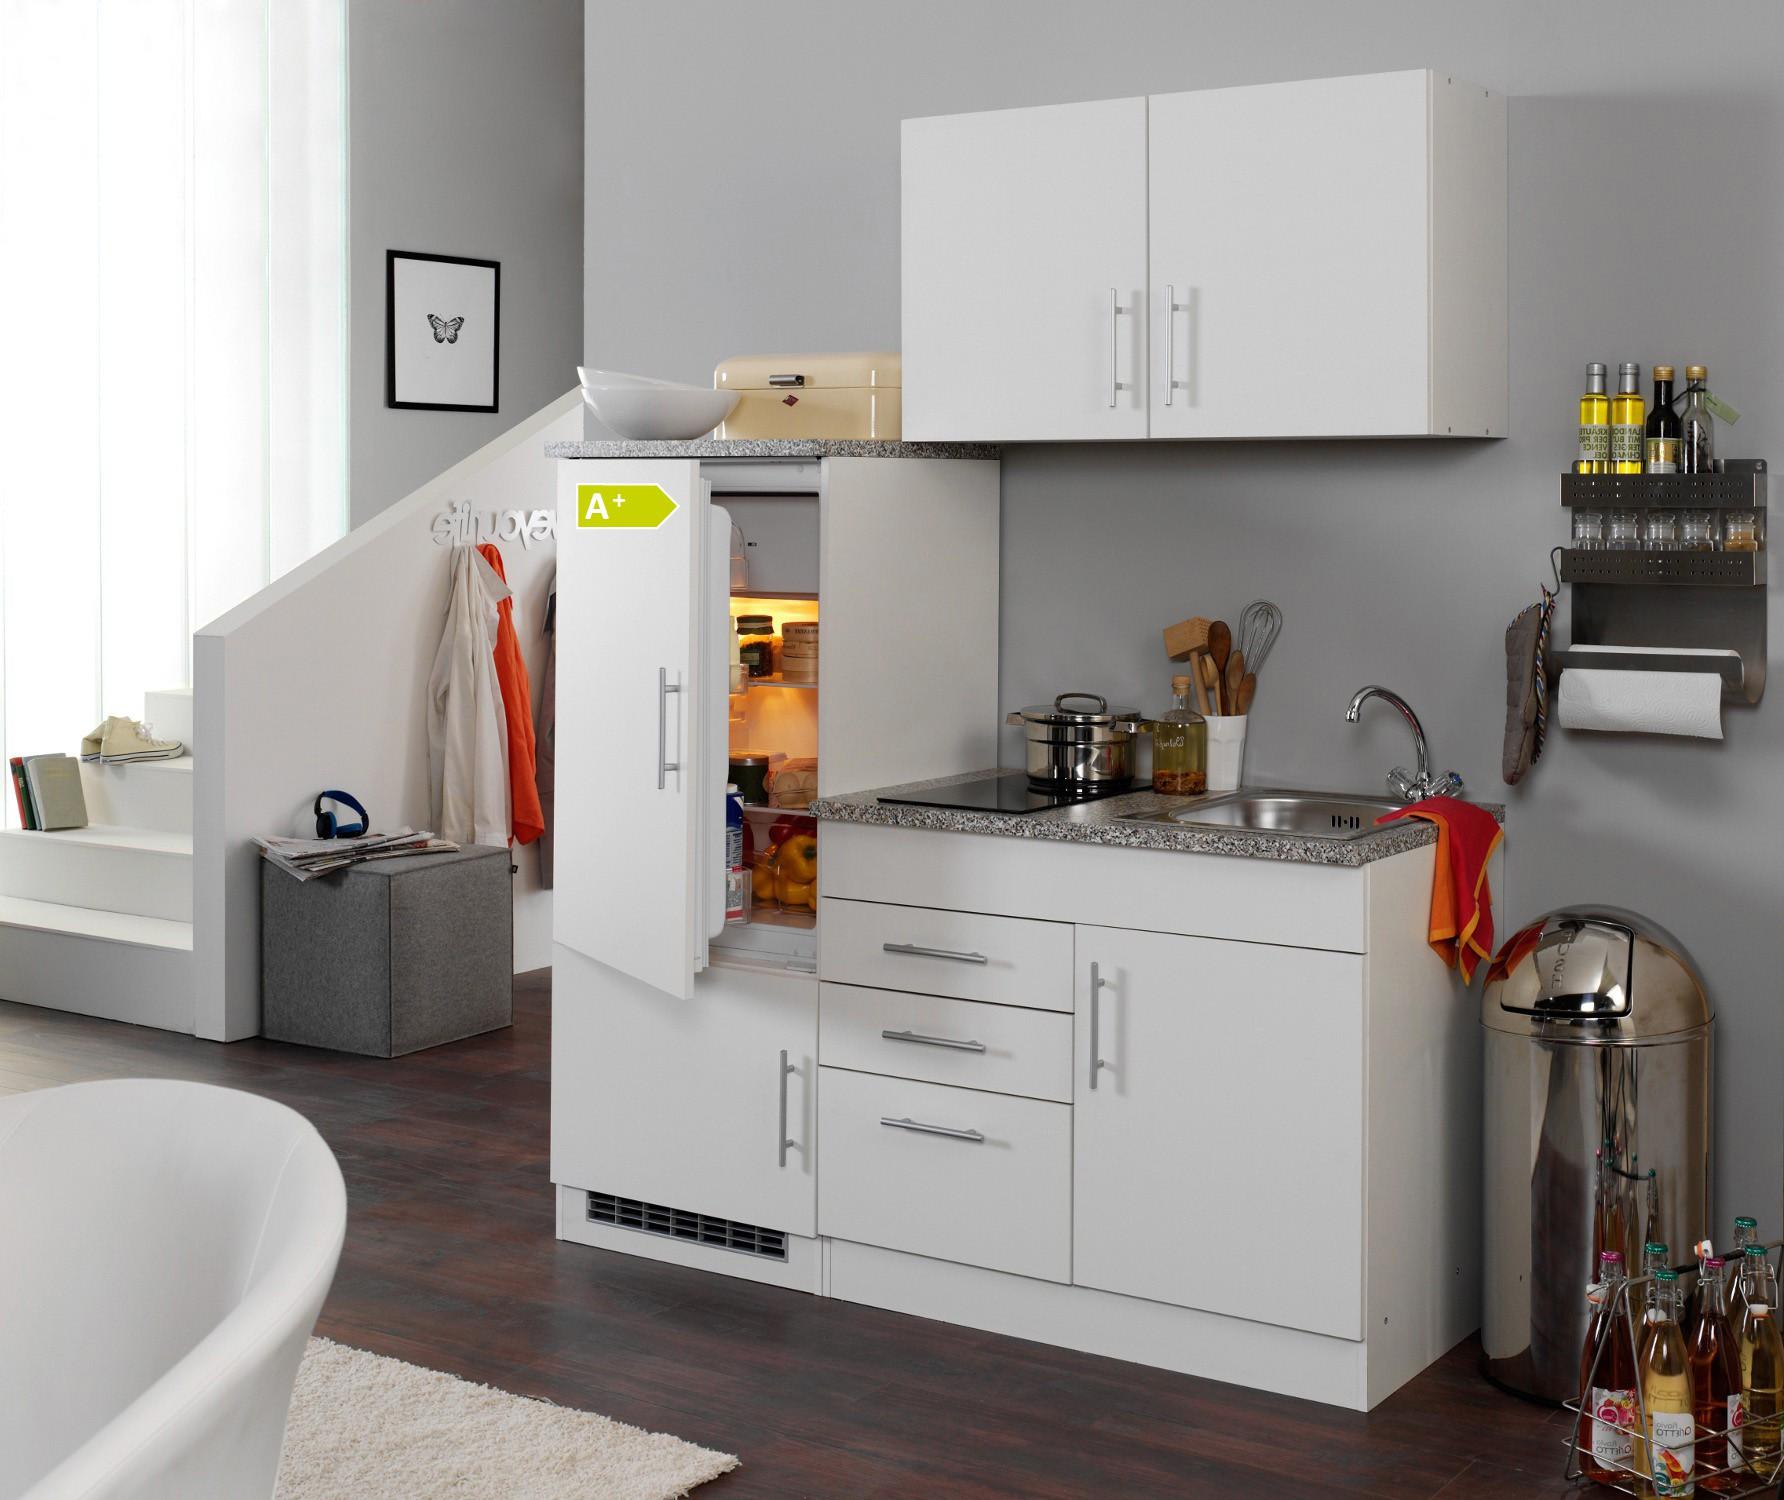 Minikuche mit kuhlschrank ohne kochfeld wotzccom for Miniküche mit spülmaschine